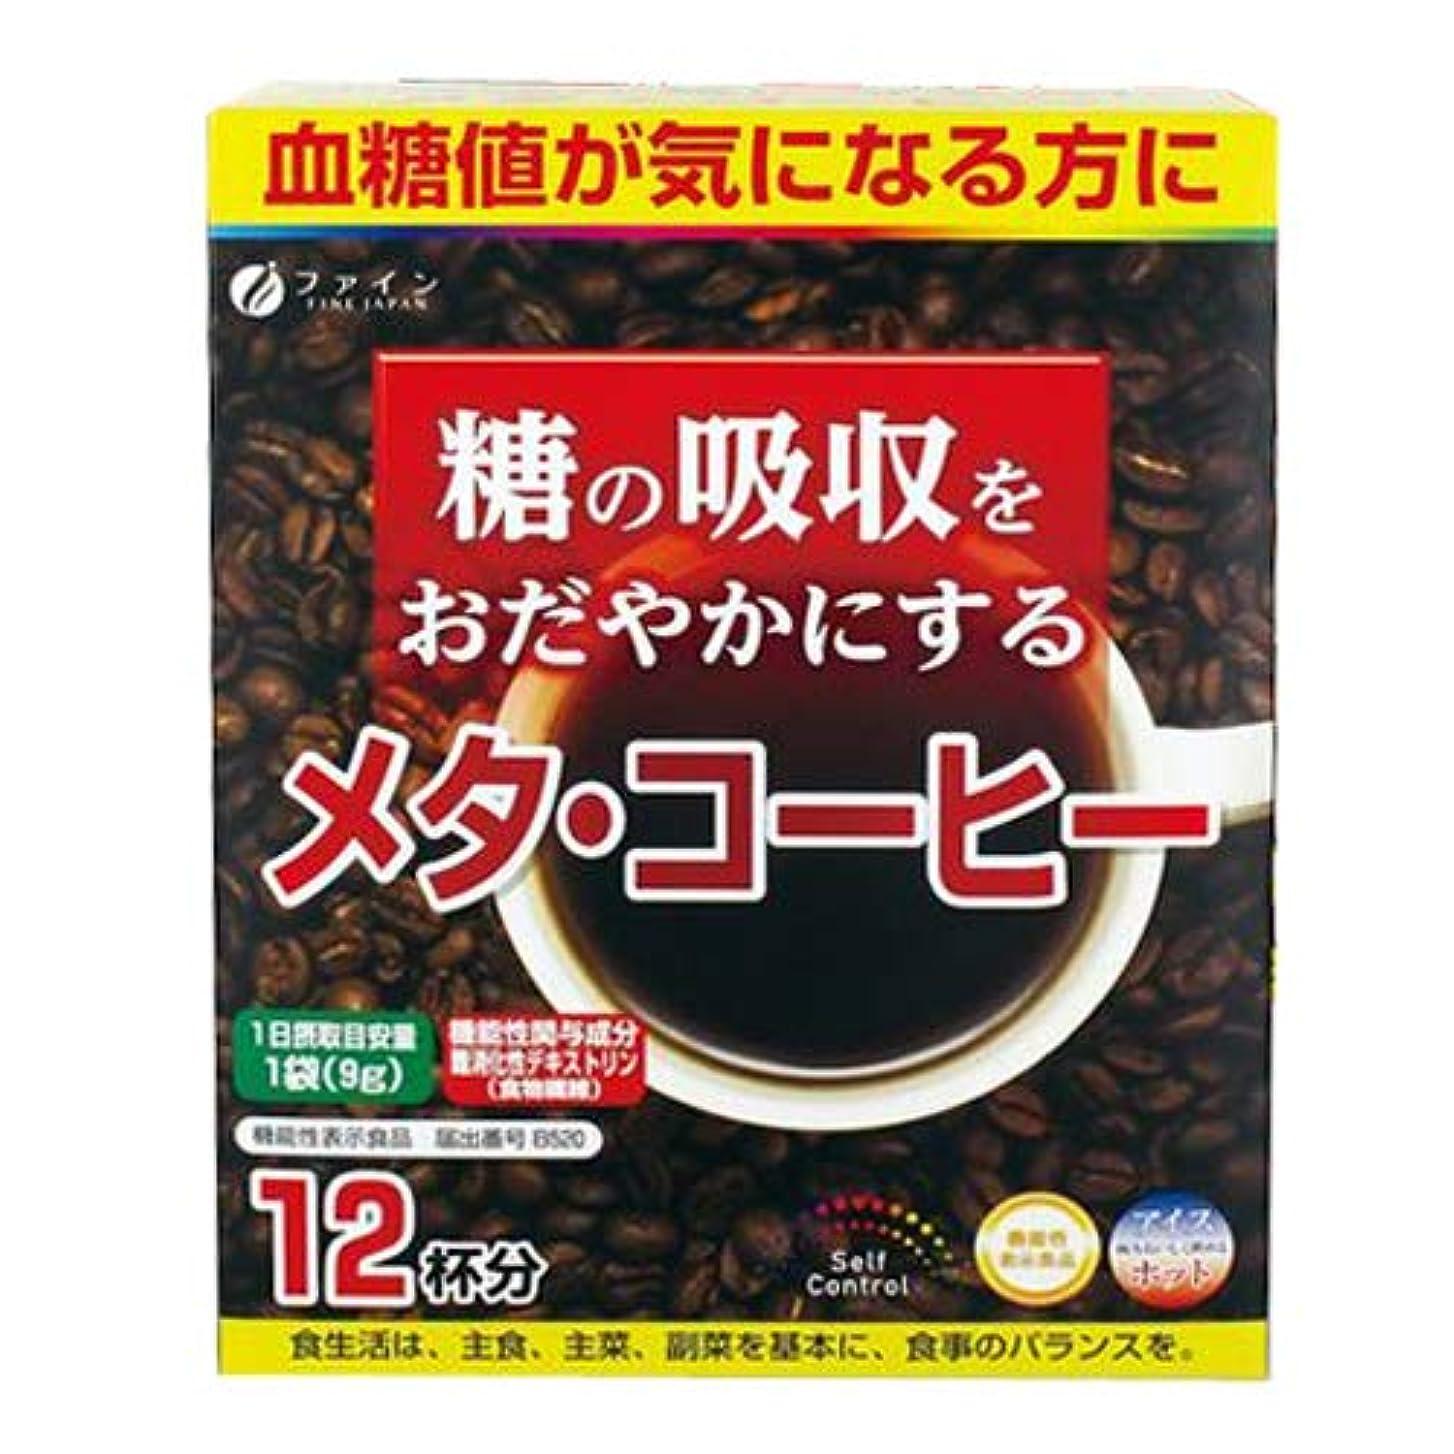 スカルクブルーベルコーンウォール機能性表示食品 糖の吸収をおだやかにする メタ?コーヒー 【2箱組】